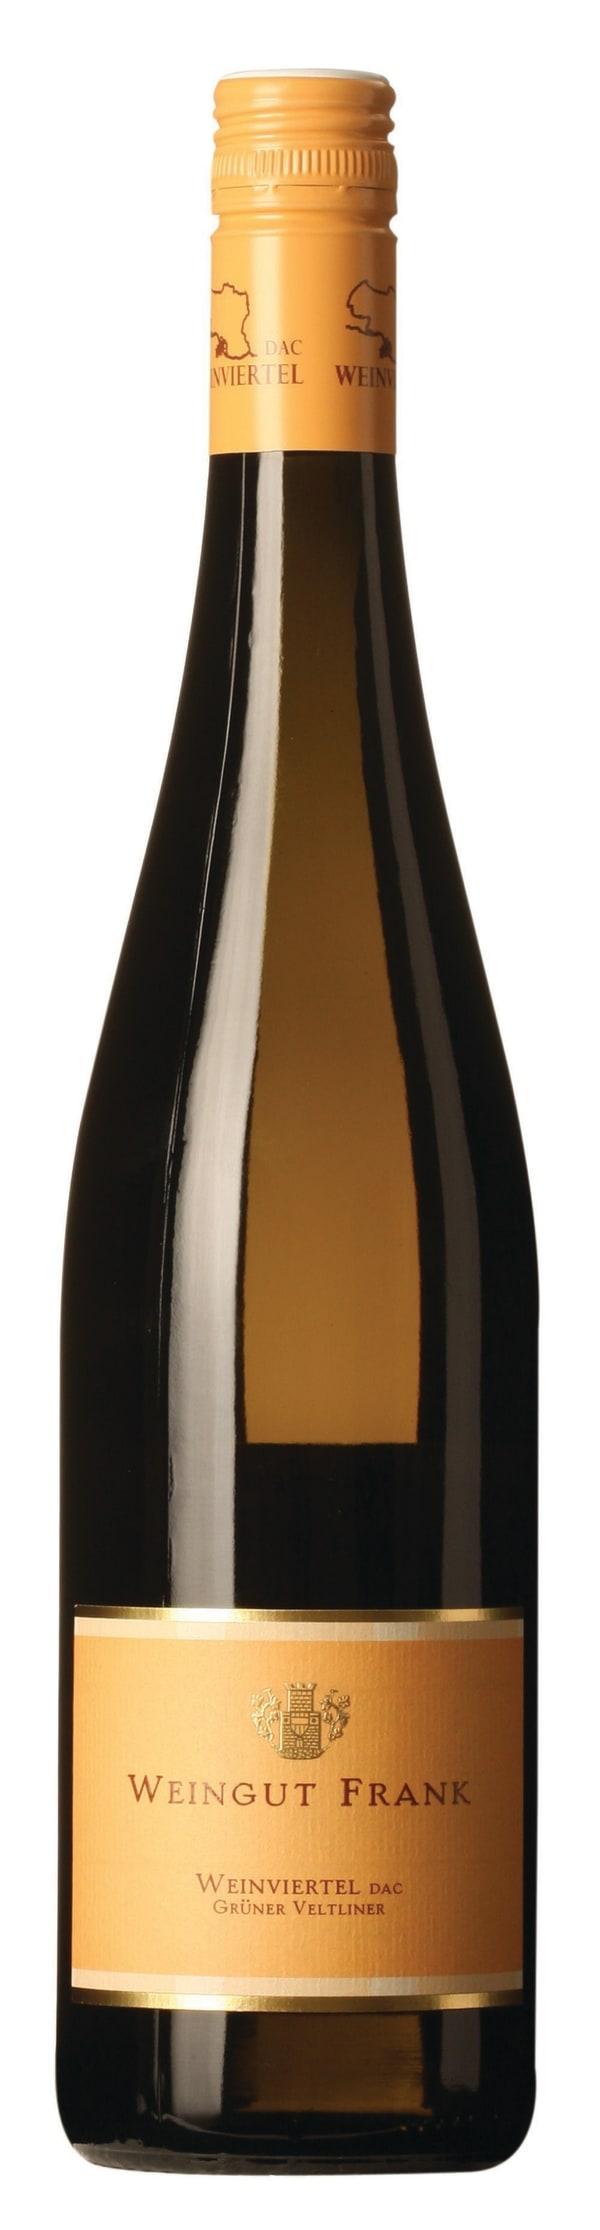 Weingut Frank Grüner Veltliner 2016